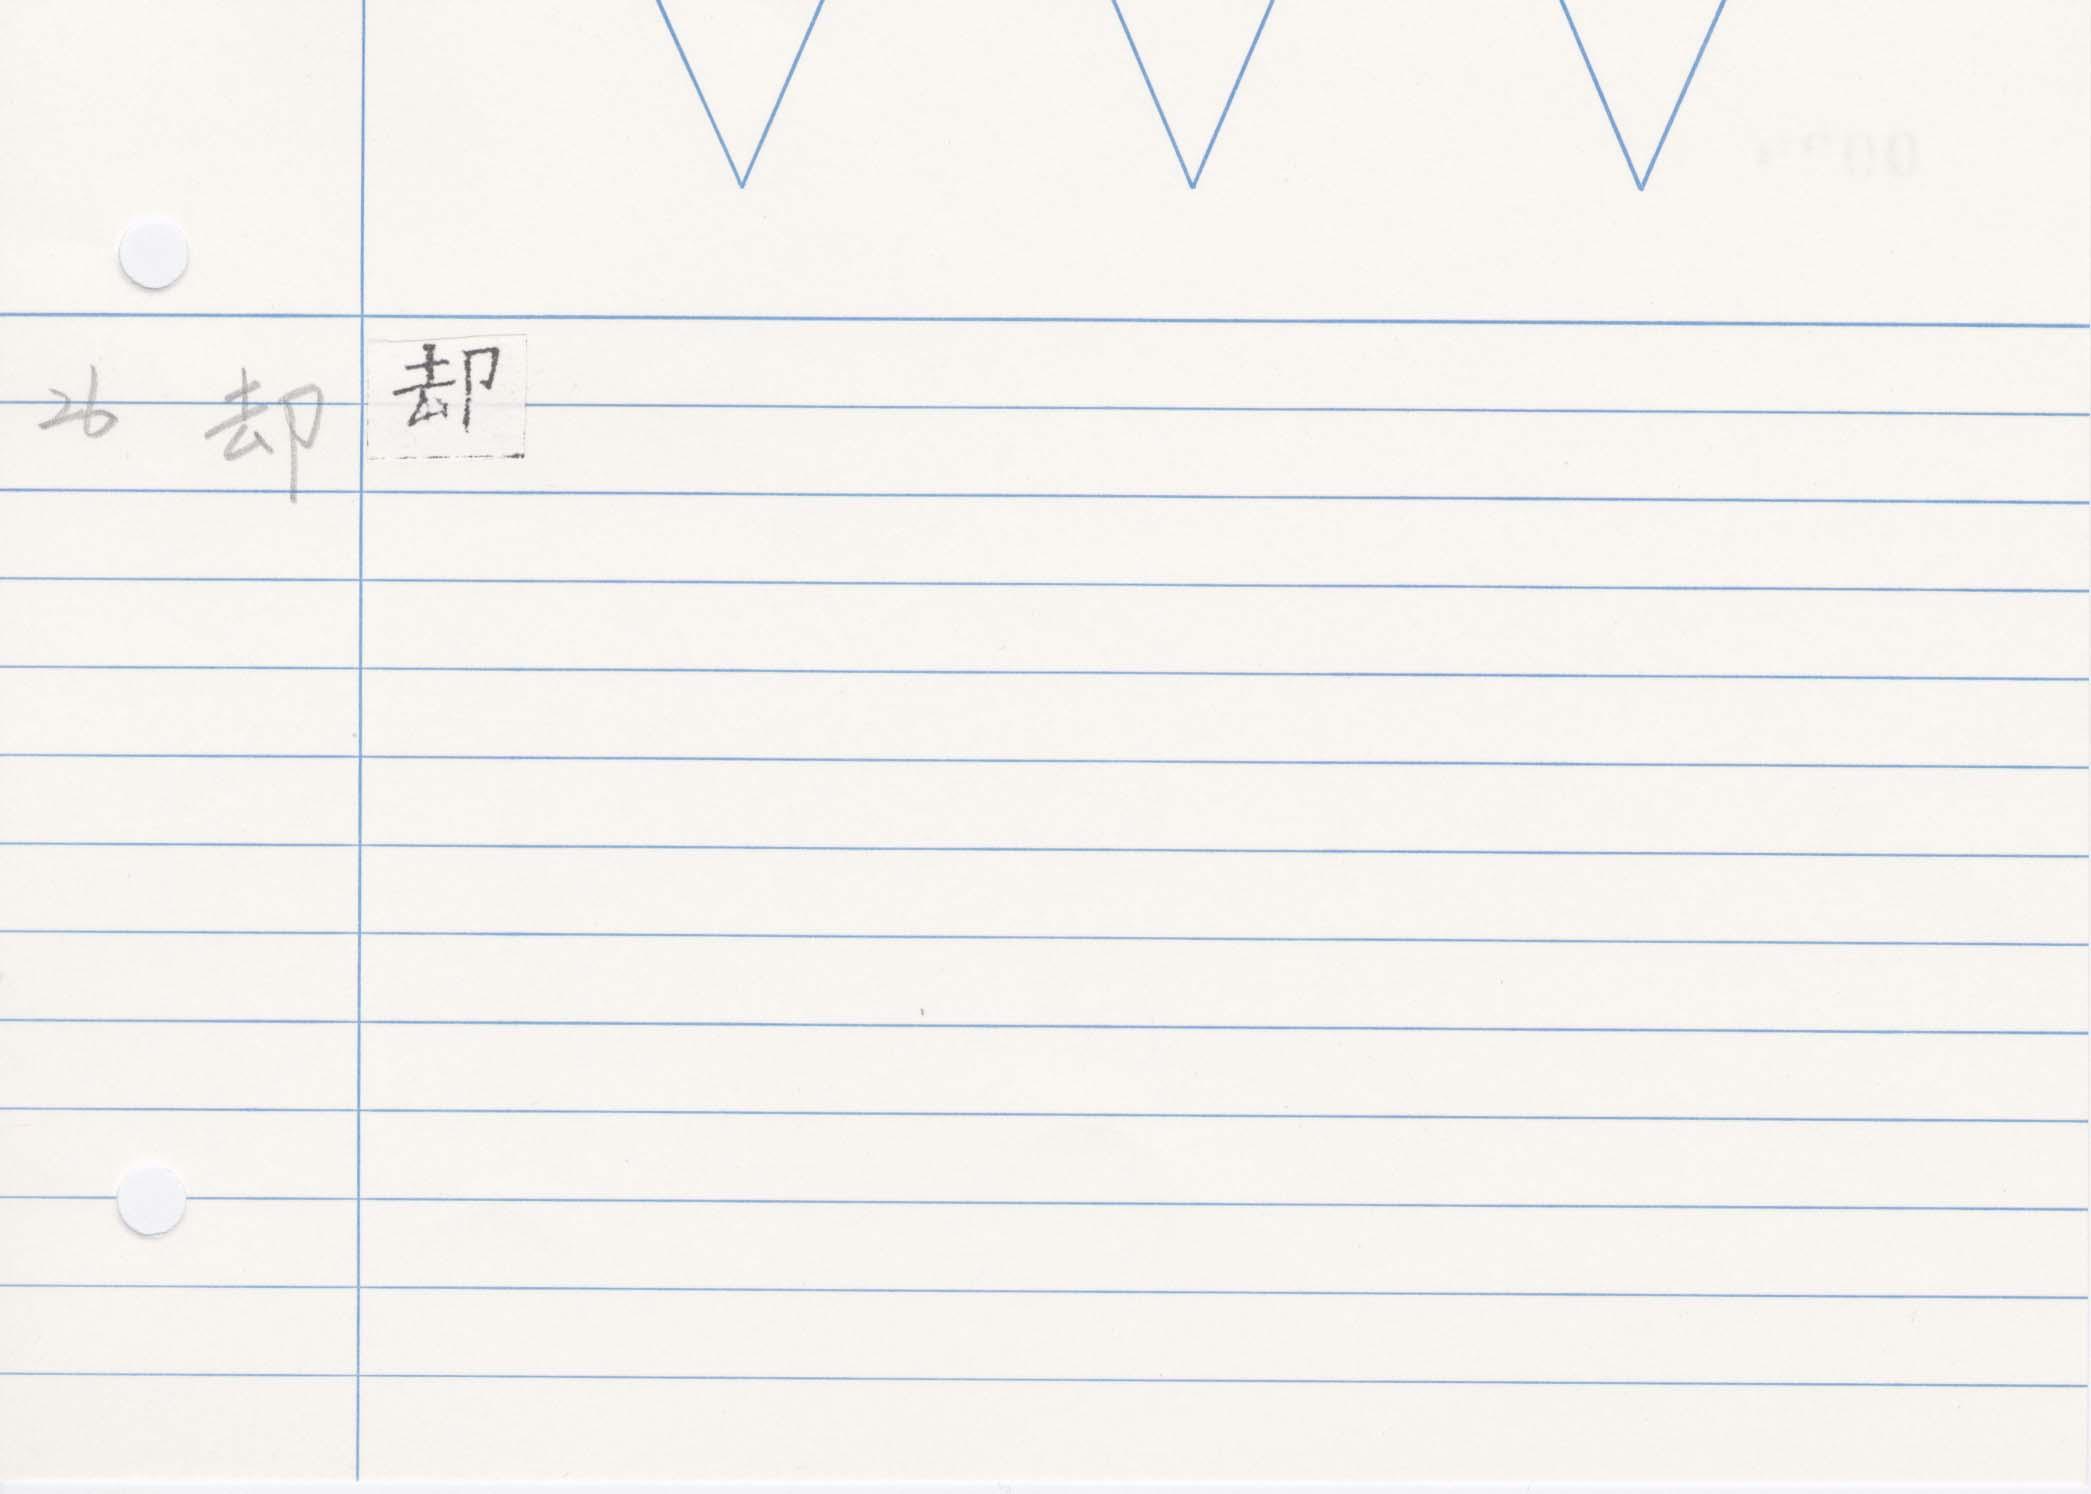 26_齊民要術卷五(高山寺本)/cards/0039.jpg